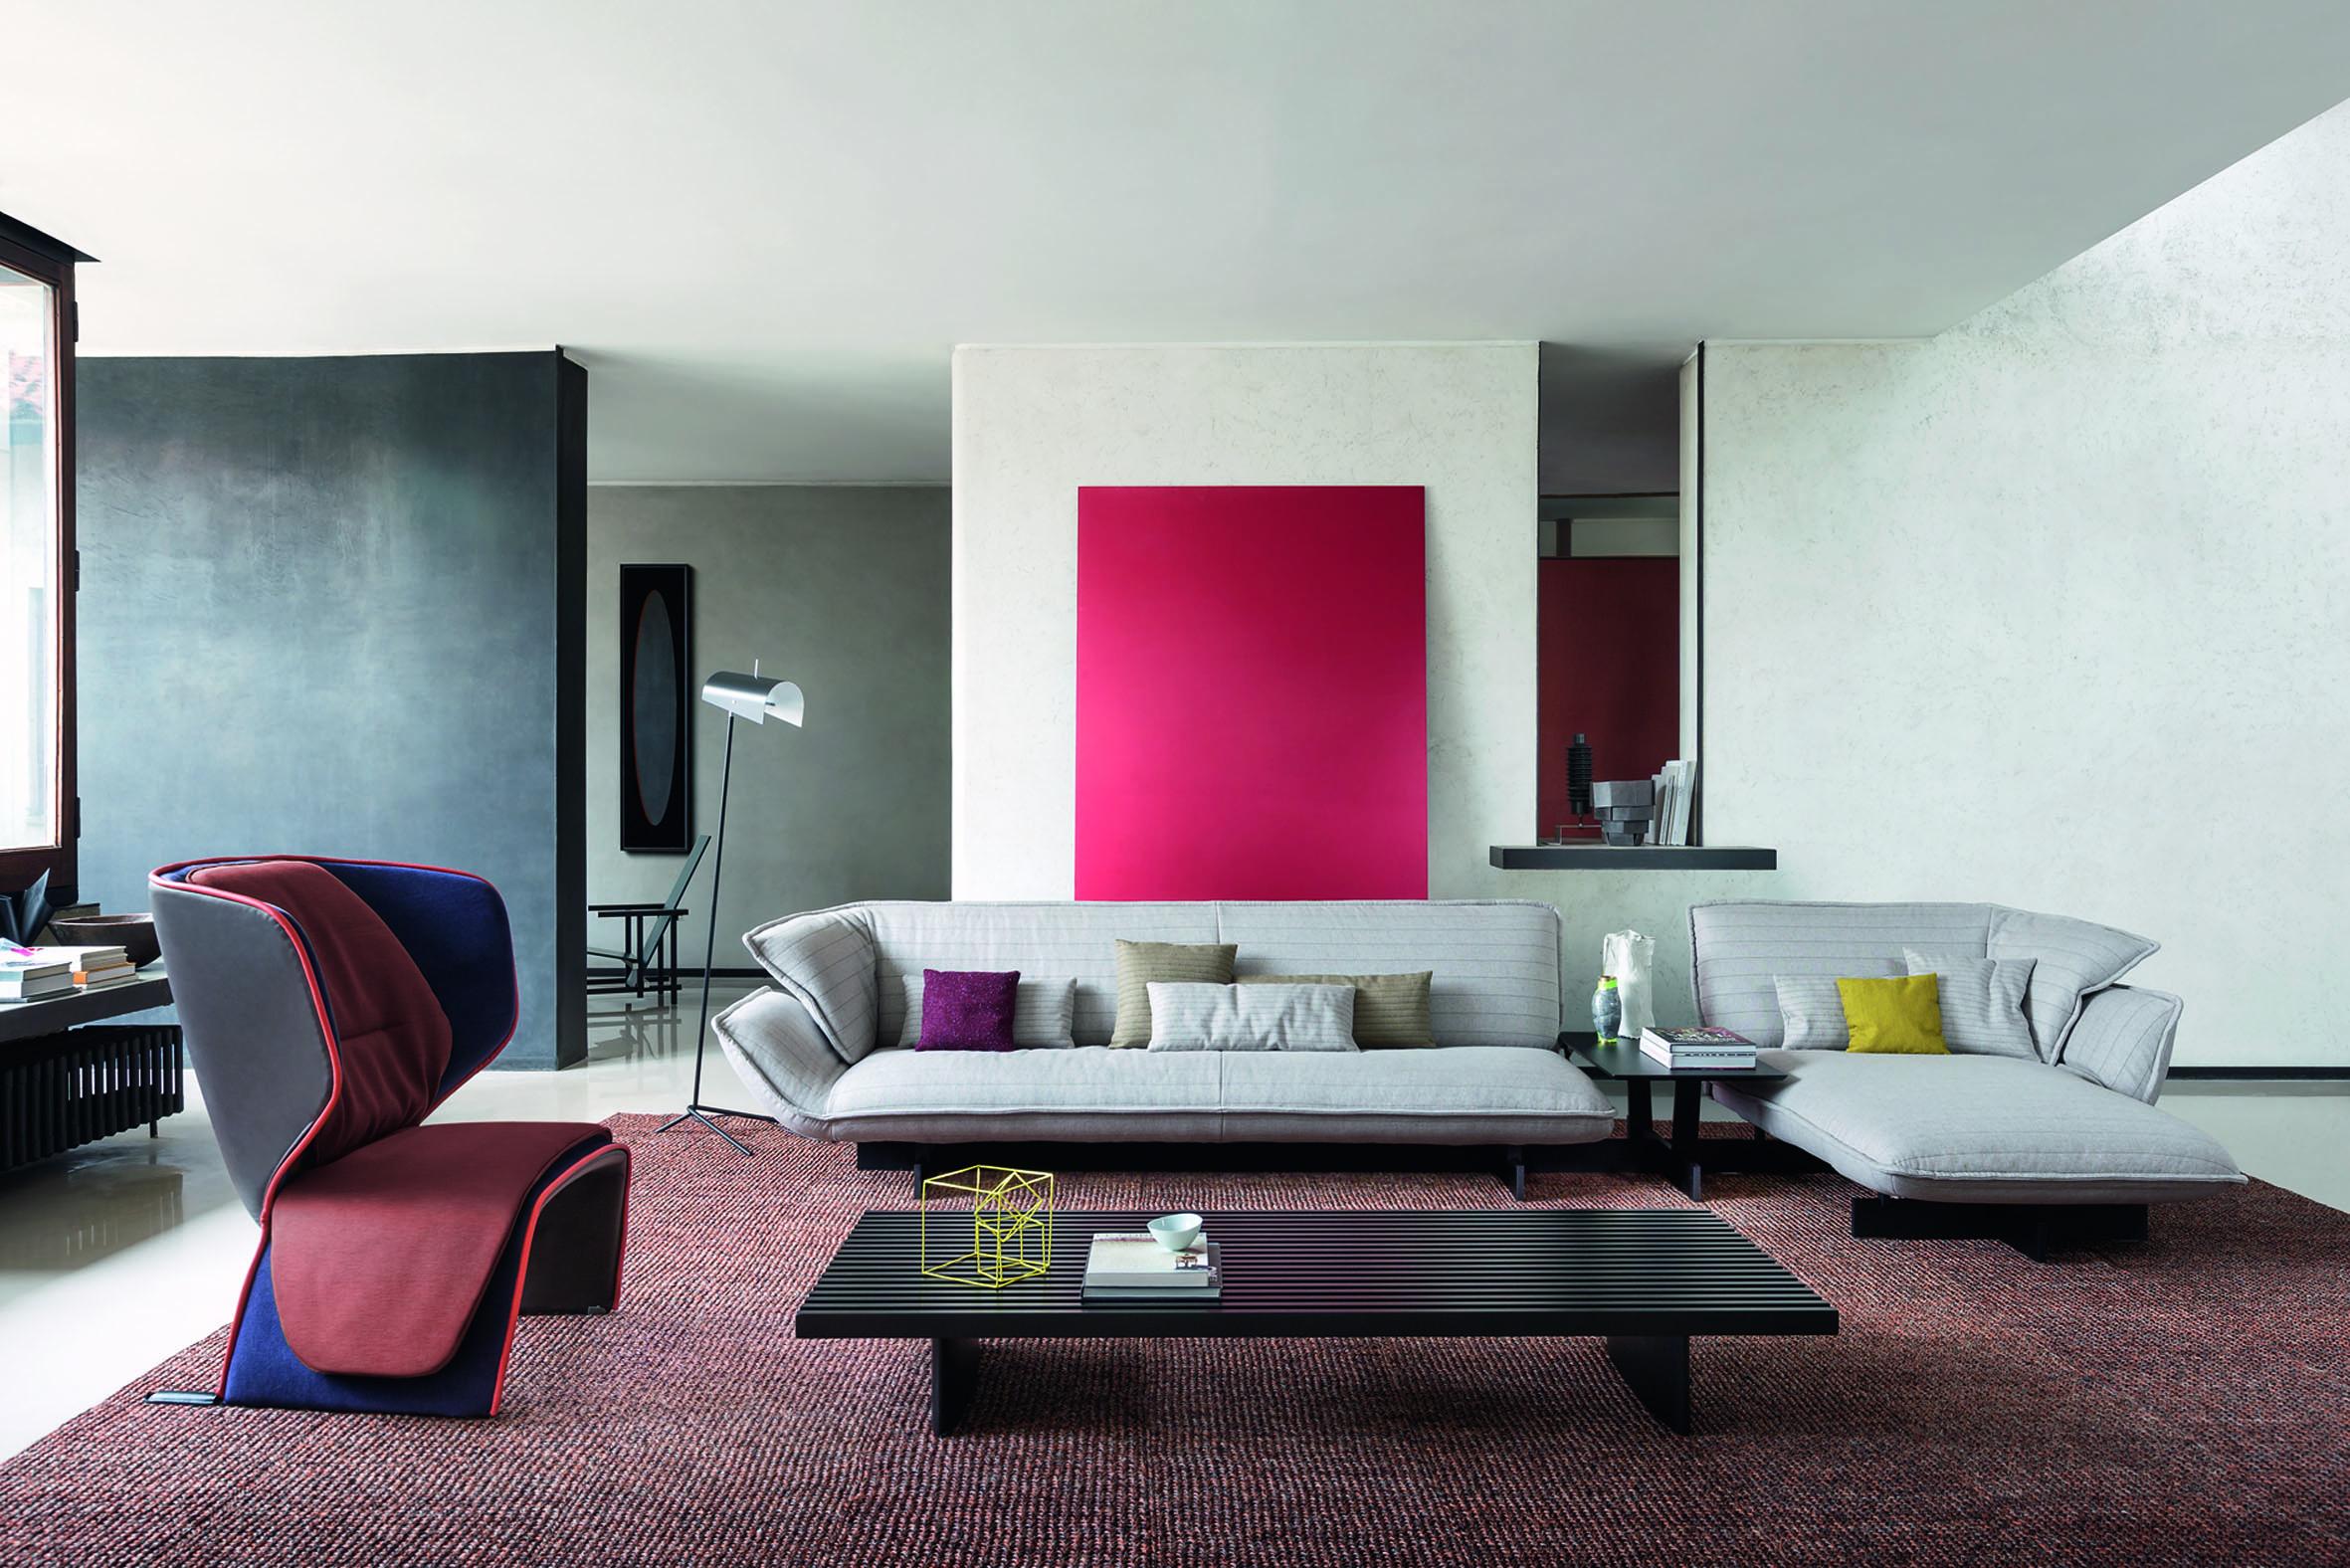 4_CASSINA_Beam-Sofa-System_Patricia-Urquiola_amb